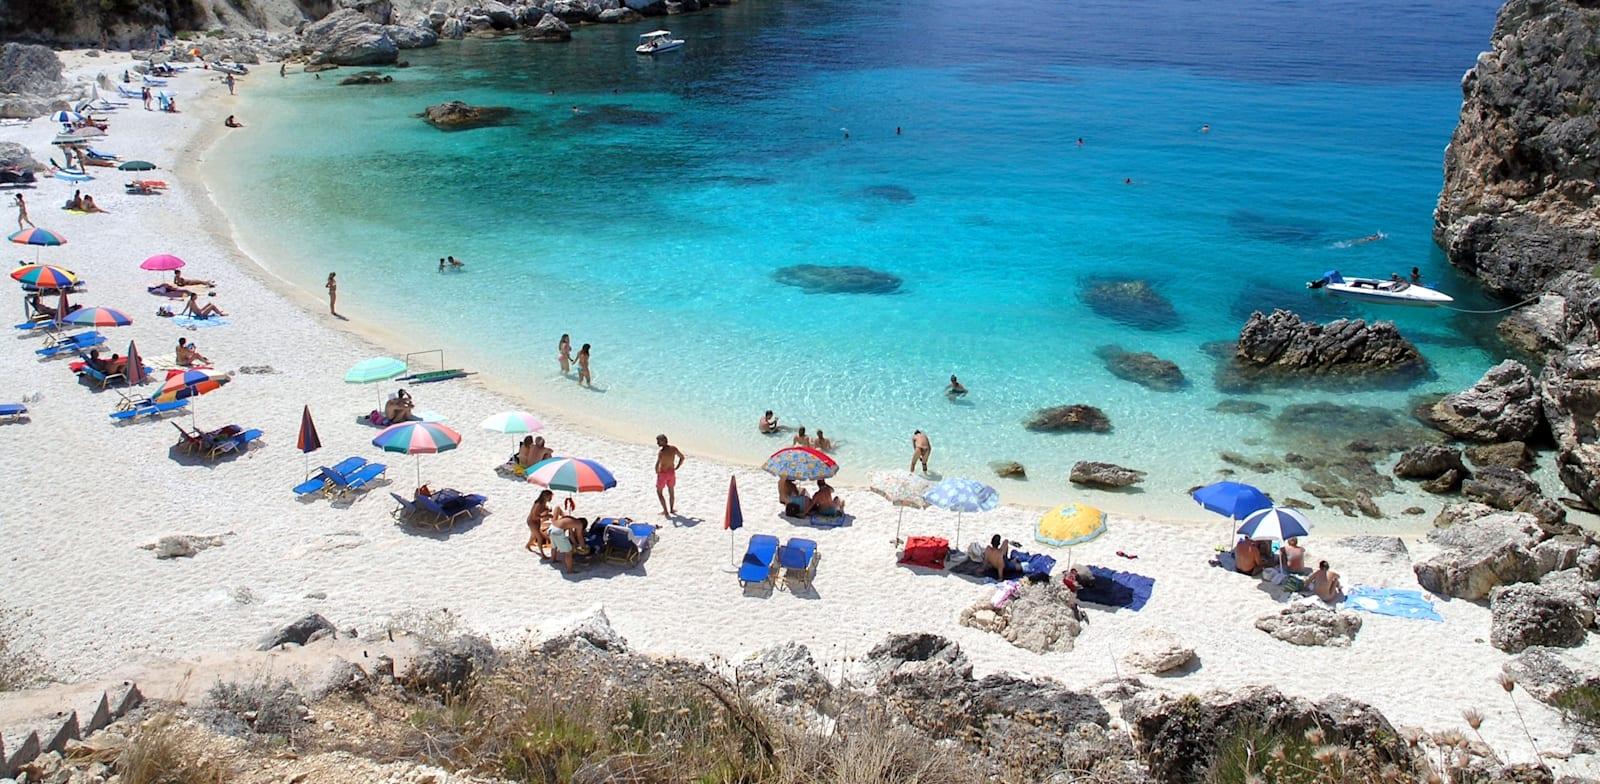 חוף הים באגיופילי, יוון. הפוקוס יהיה על תיירי הפנאי / צילום: Shutterstock, Ladislav Bihari